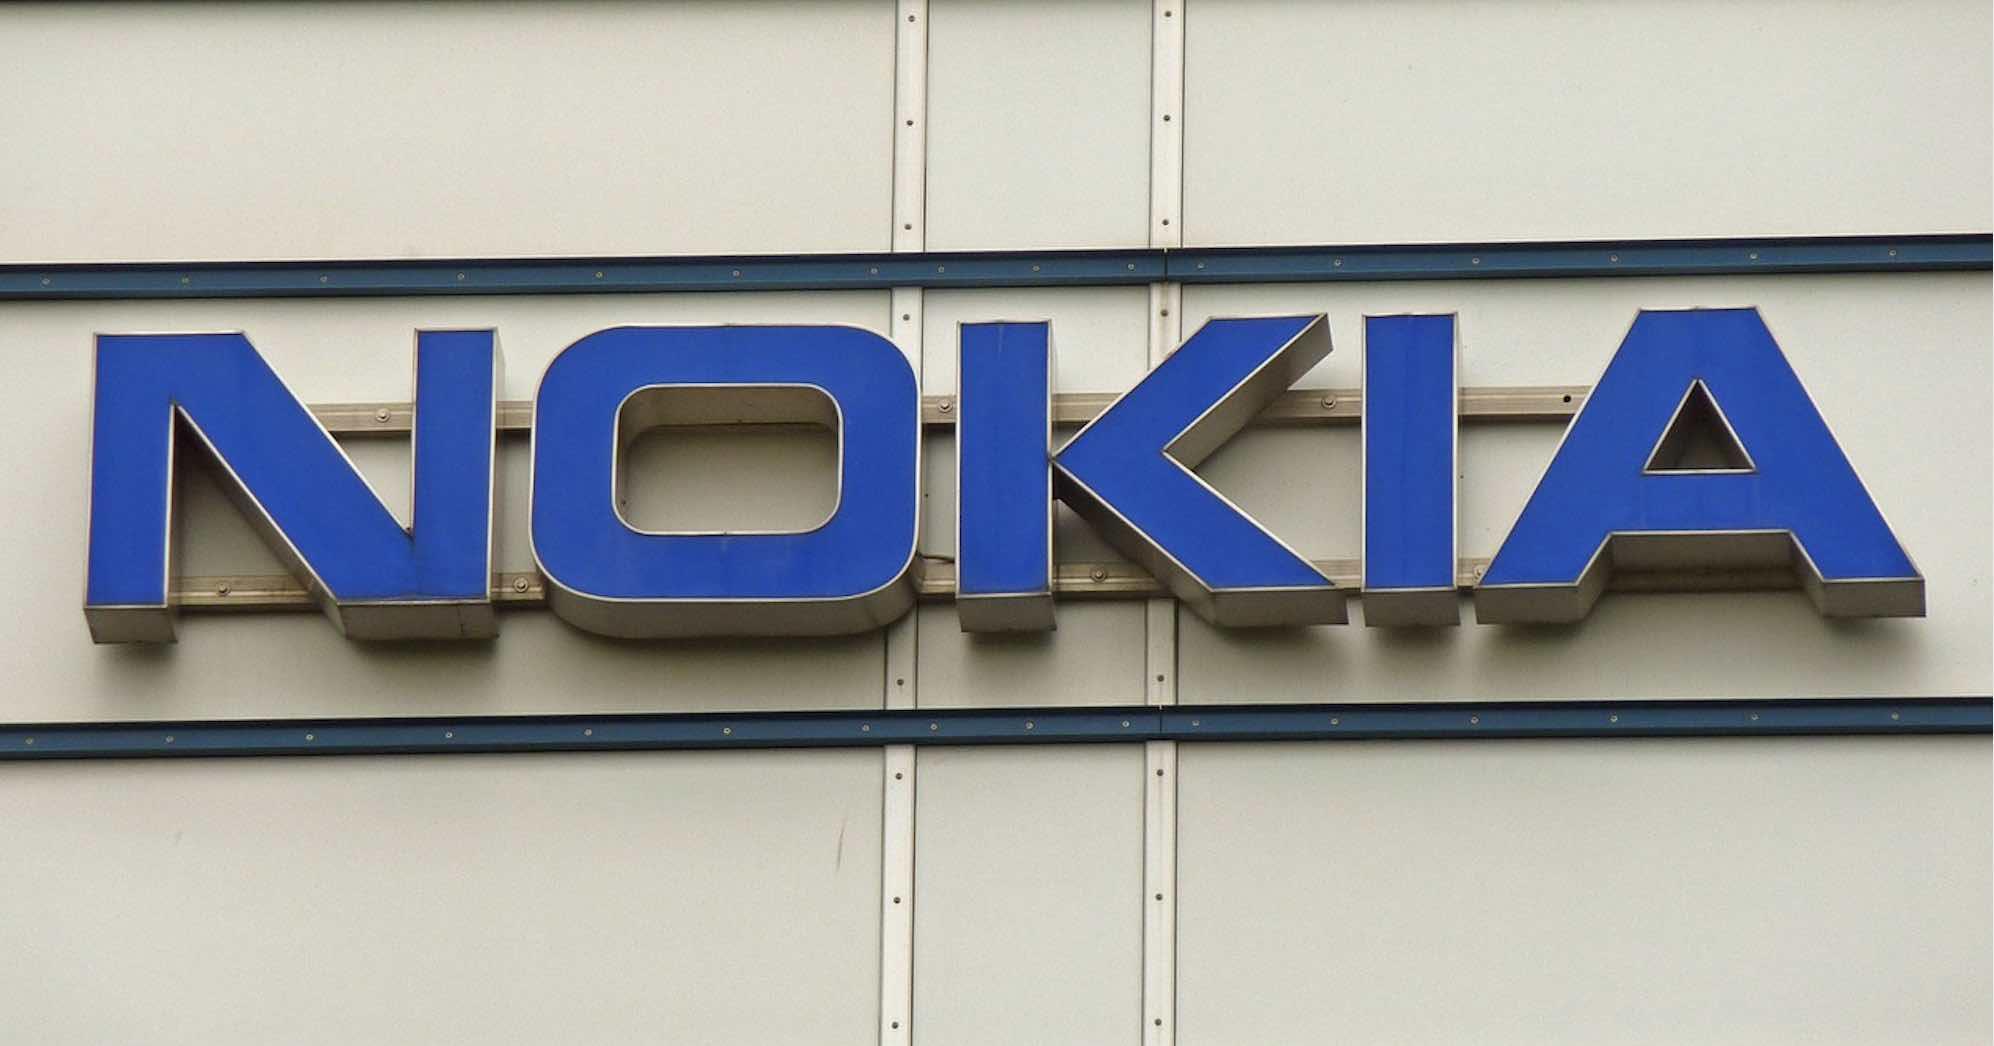 ¿Será que el nuevo Nokia tiene la misma magia de su antecesor? - TECHcetera